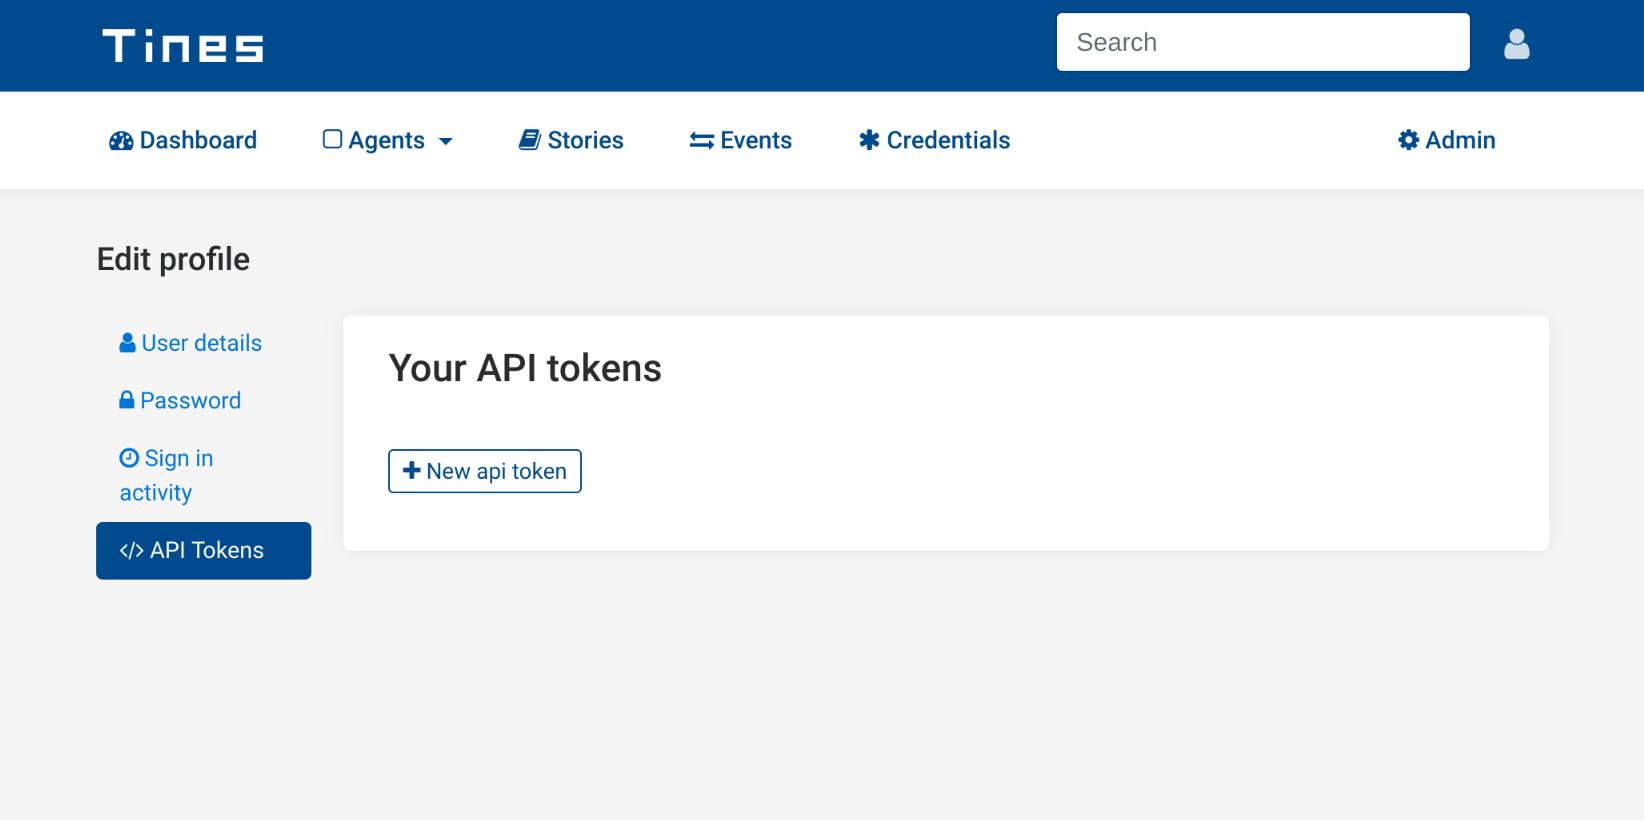 API Tokens